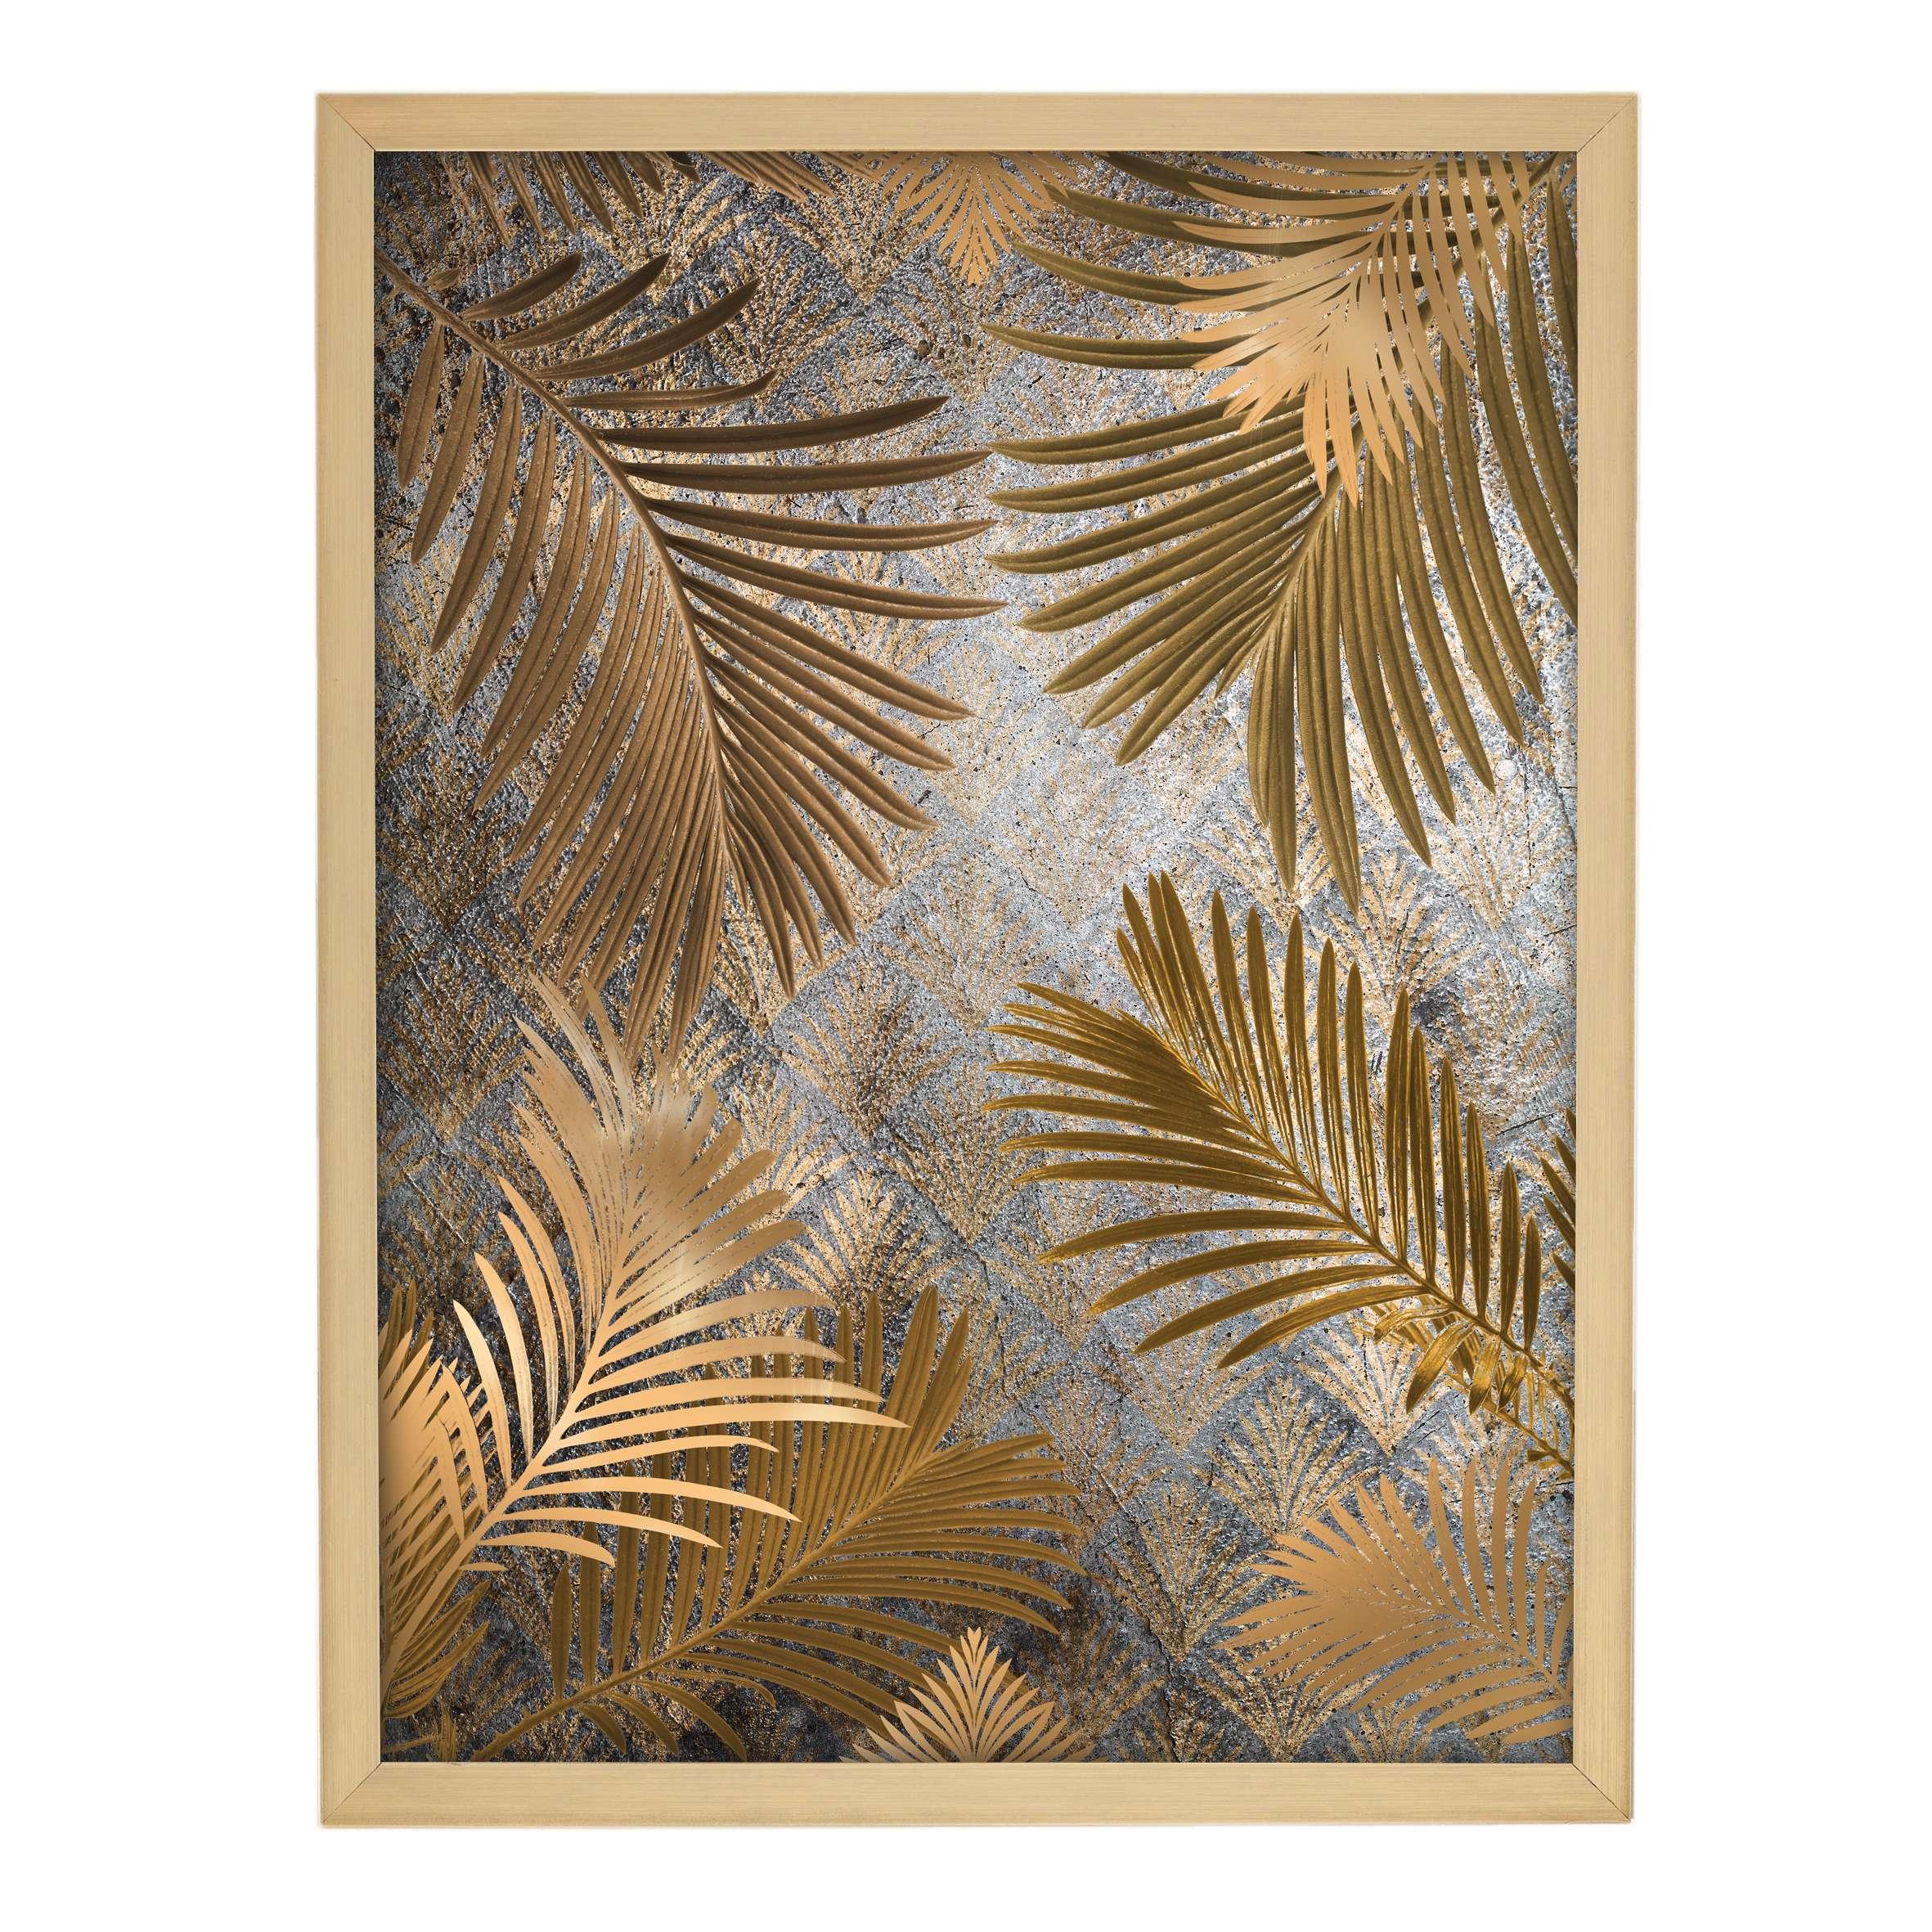 Wandbild Golden Leaves 30x40cm gold